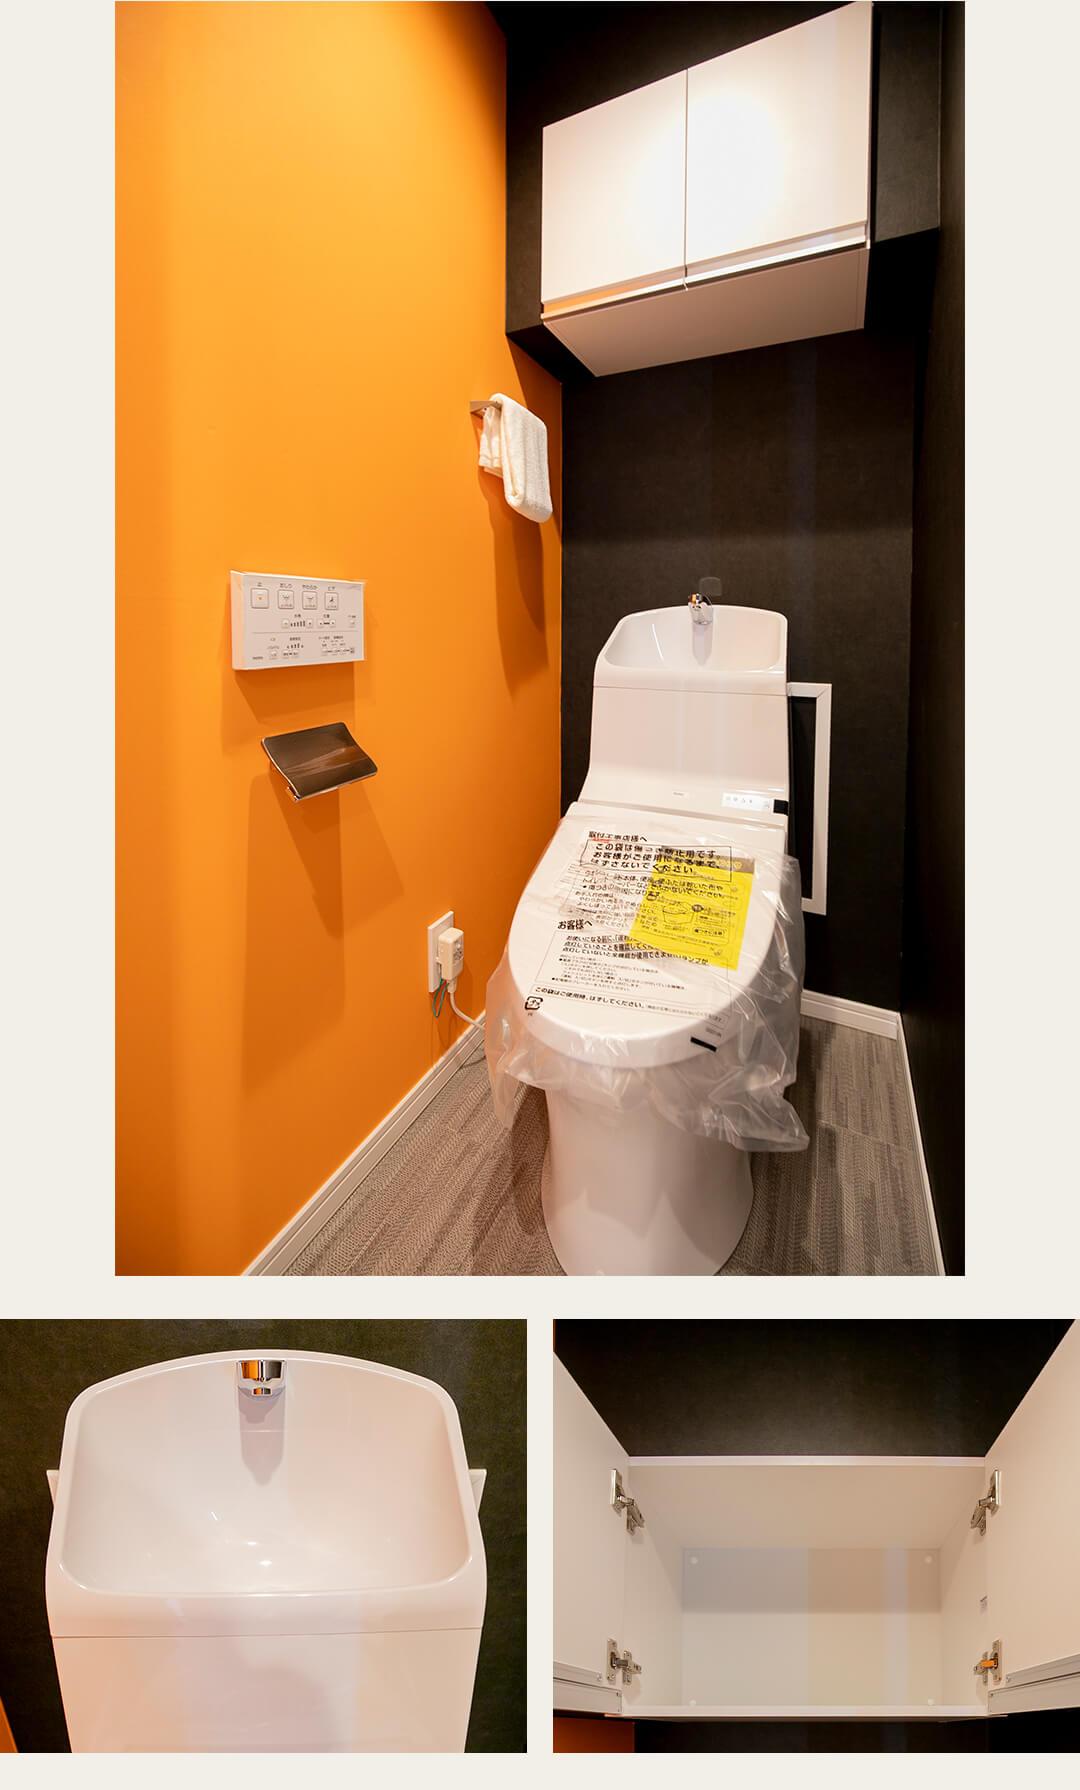 ルックハイツ北新宿壱番館のトイレ